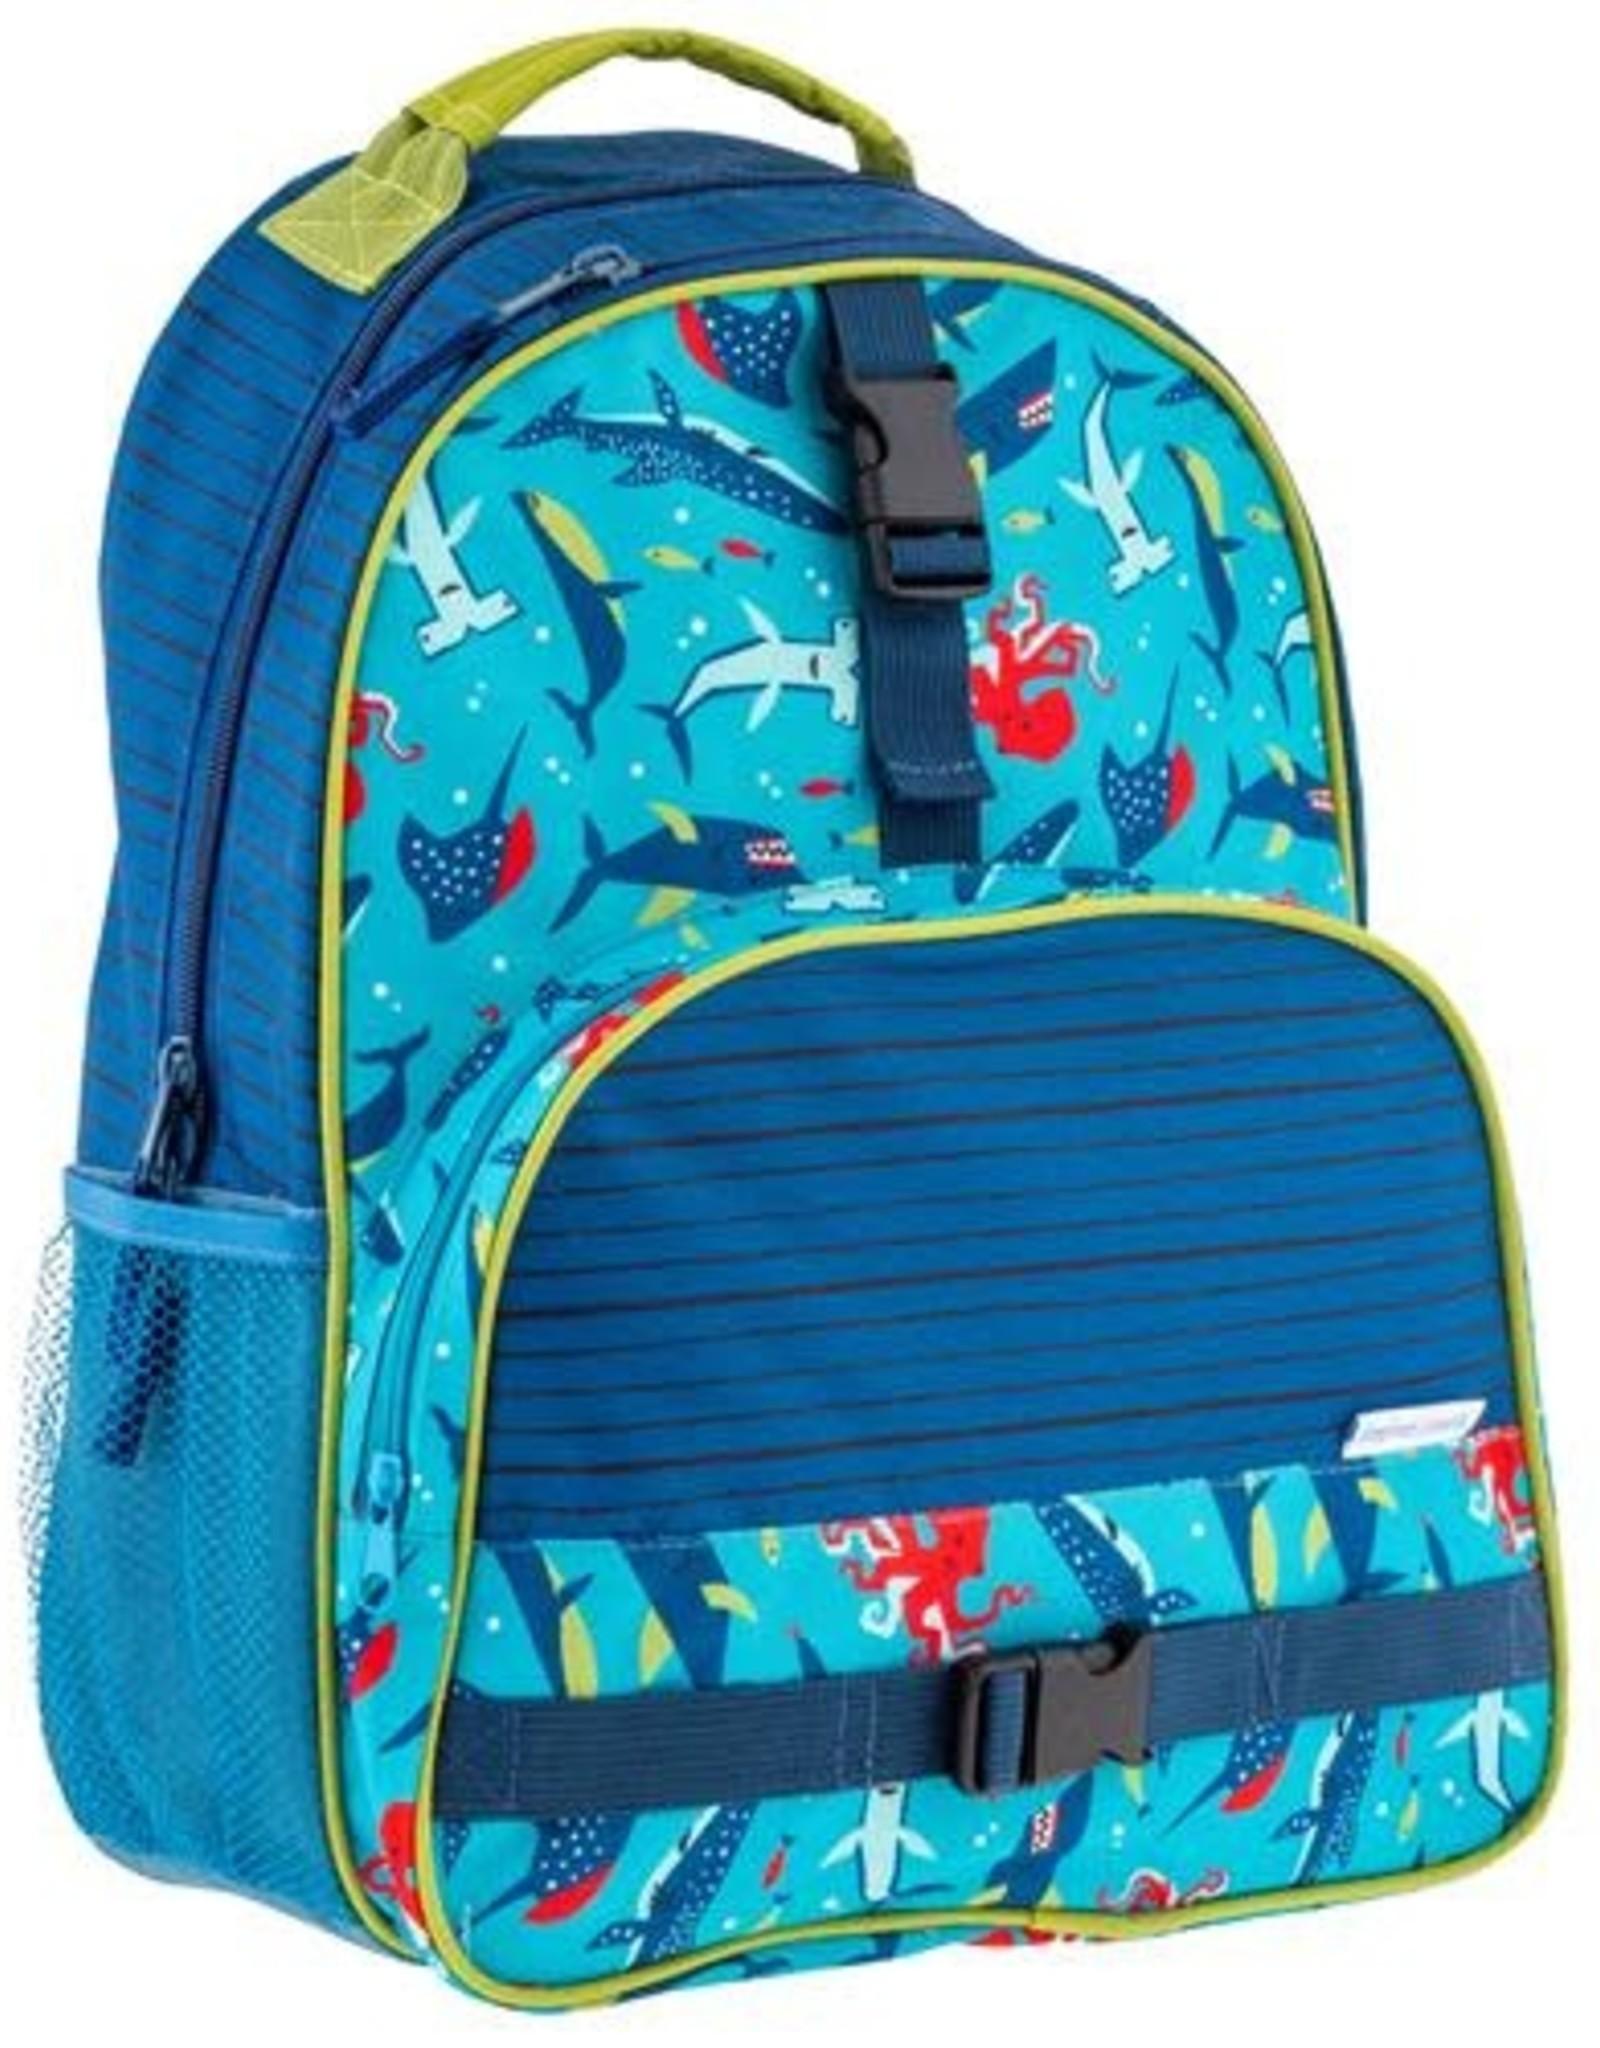 Stephen Joseph All Over Print Backpack Sharks